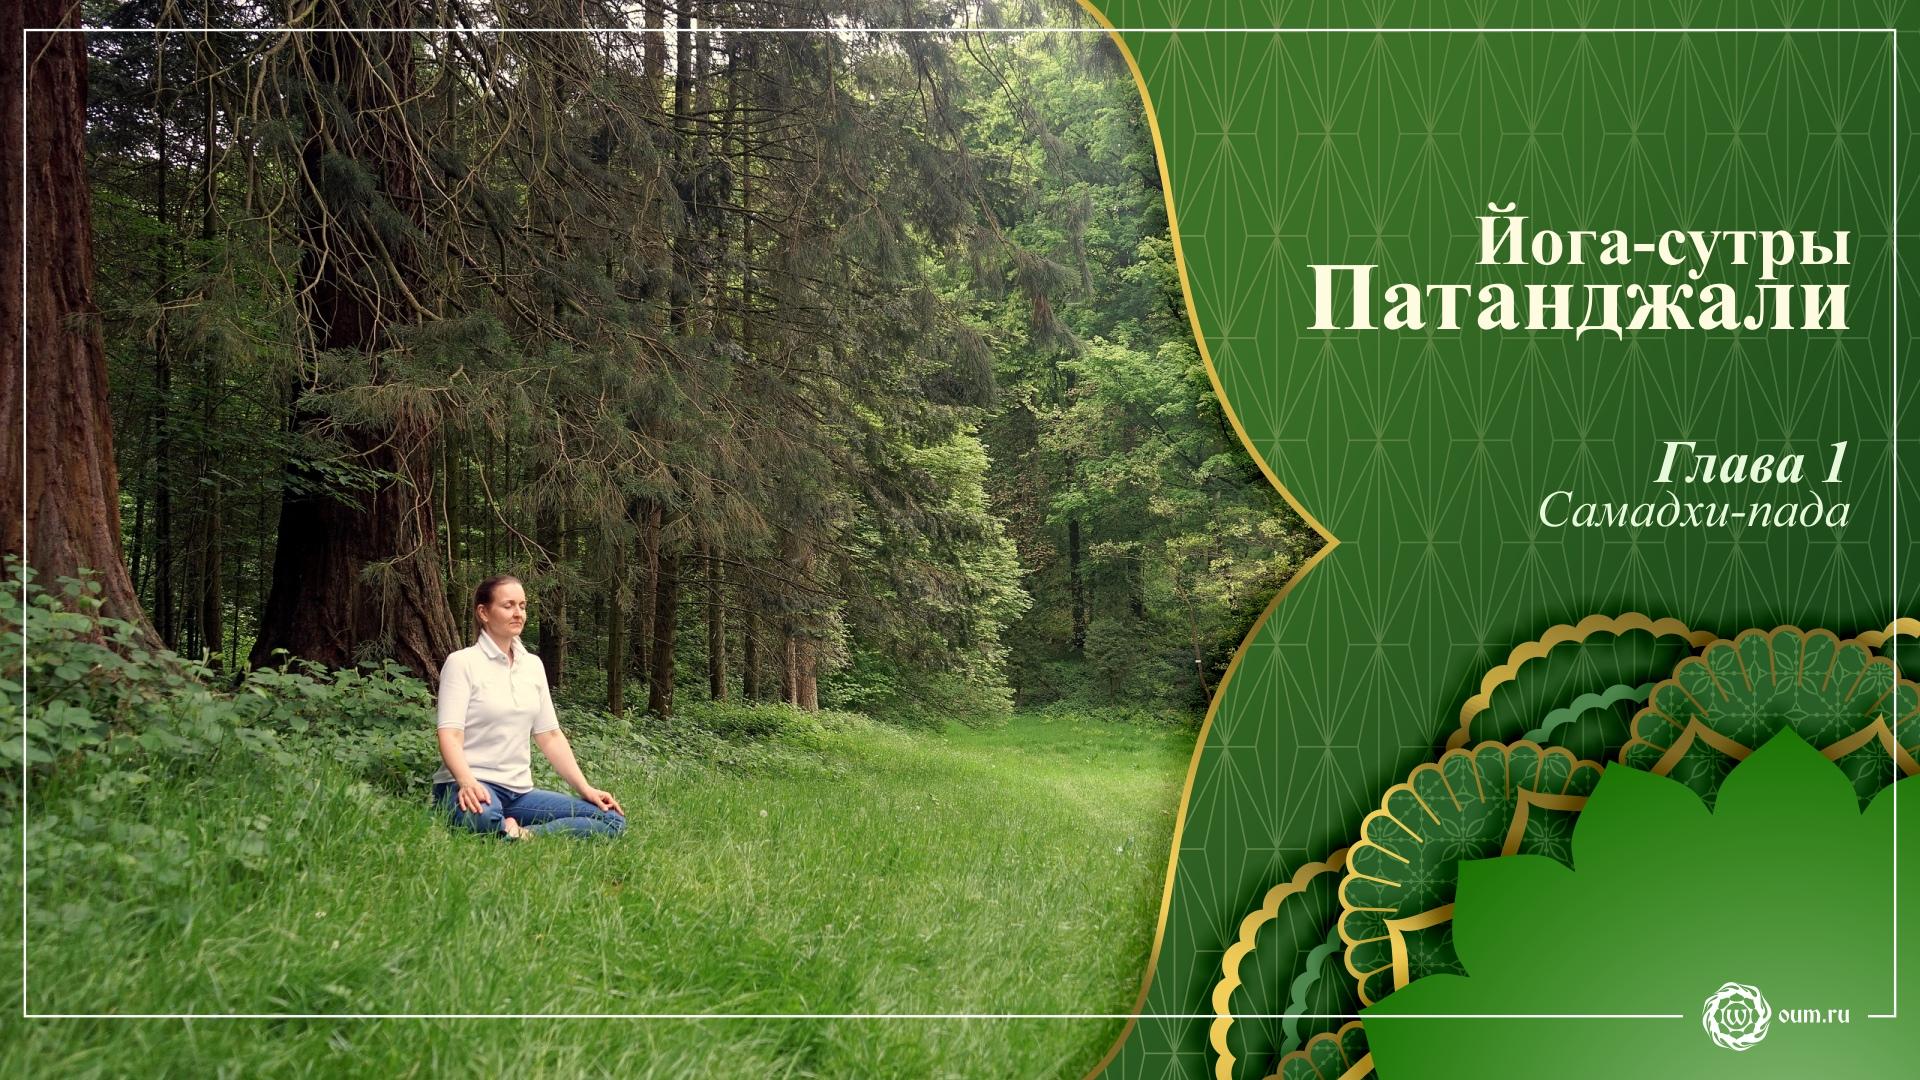 Йога-сутры Патанджали. Глава 1. Самадхи-пада (рецитация)